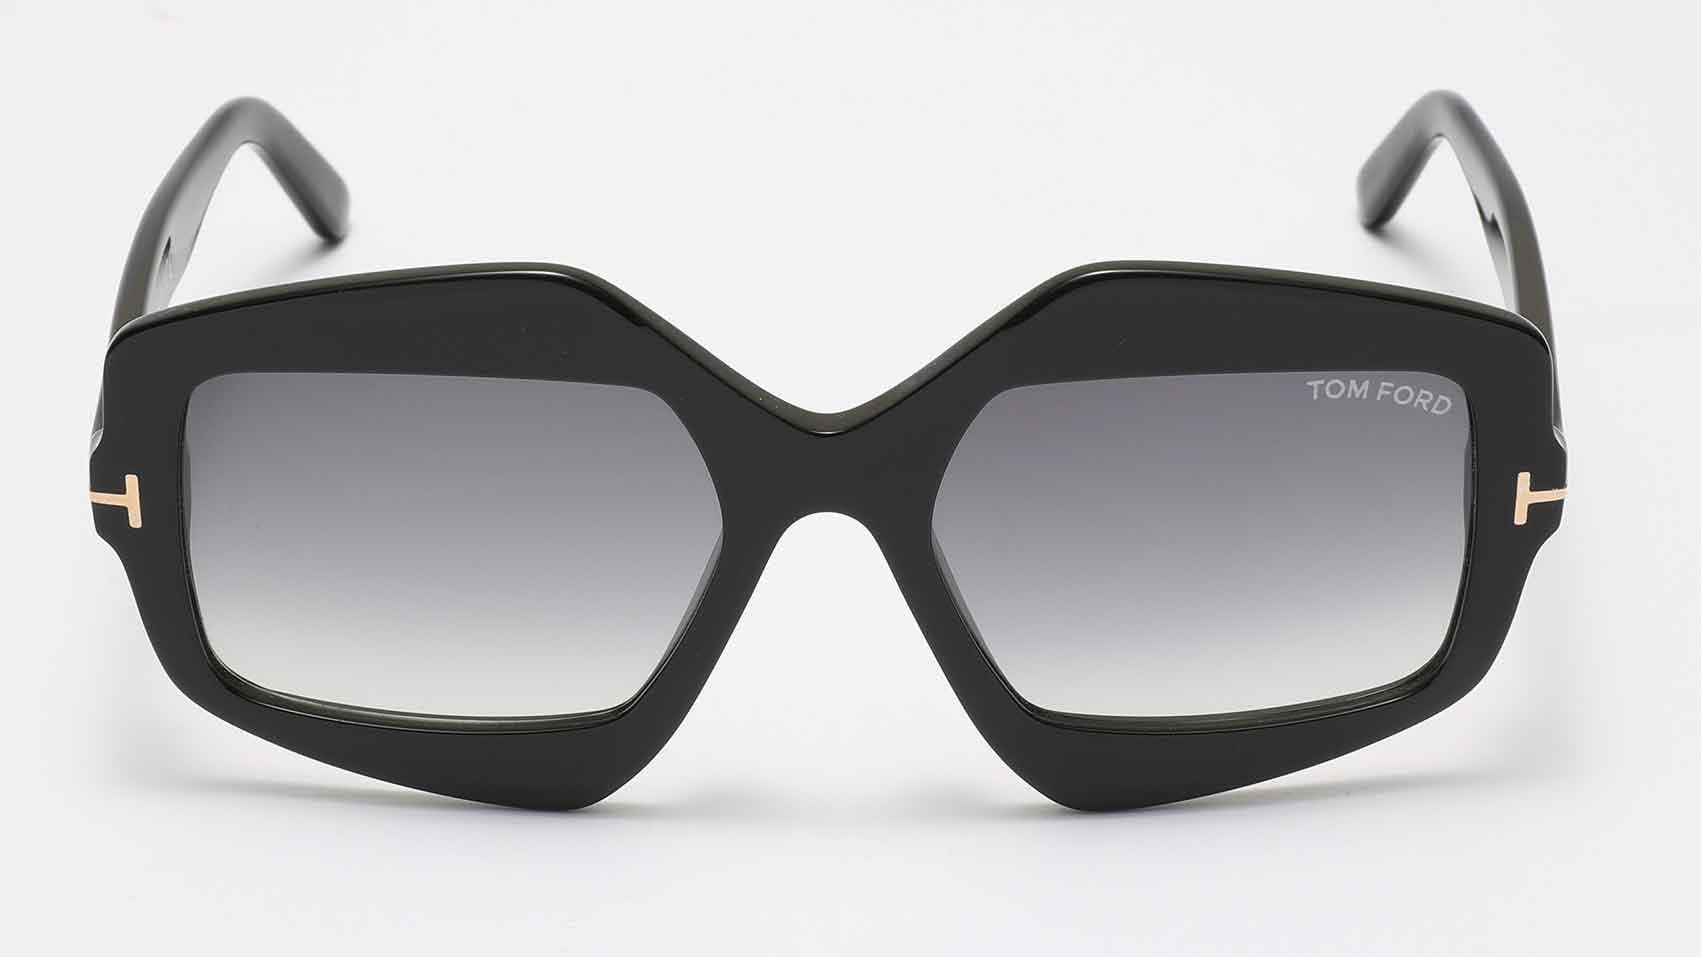 אירוקה. טום פורד-טרנדים משקפי שמש